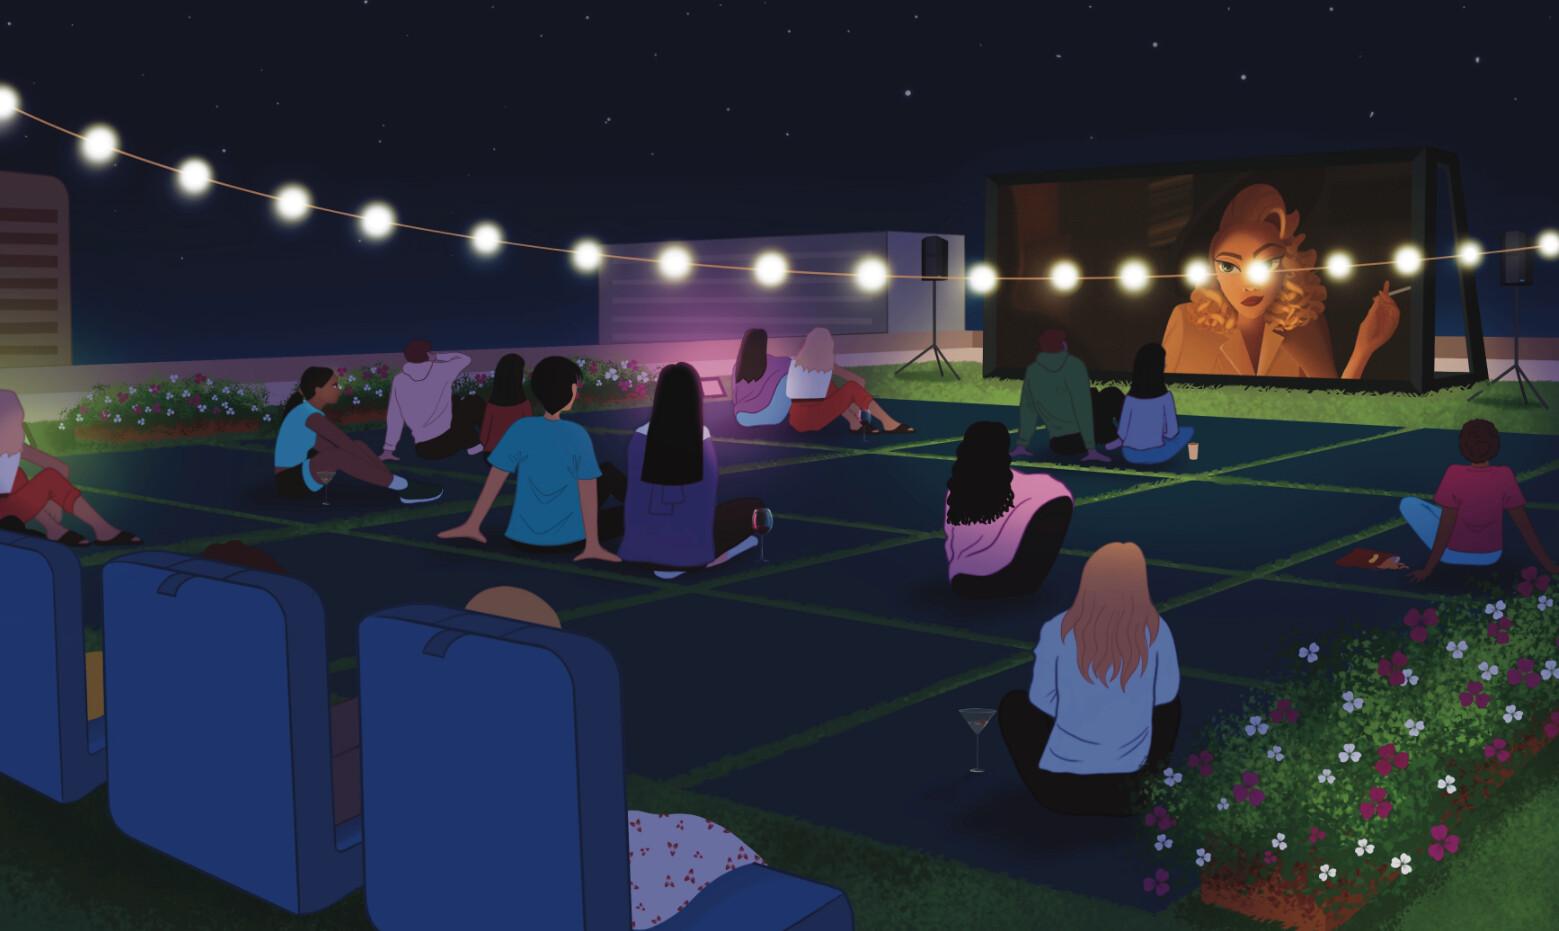 hidden-rooftop-cinema